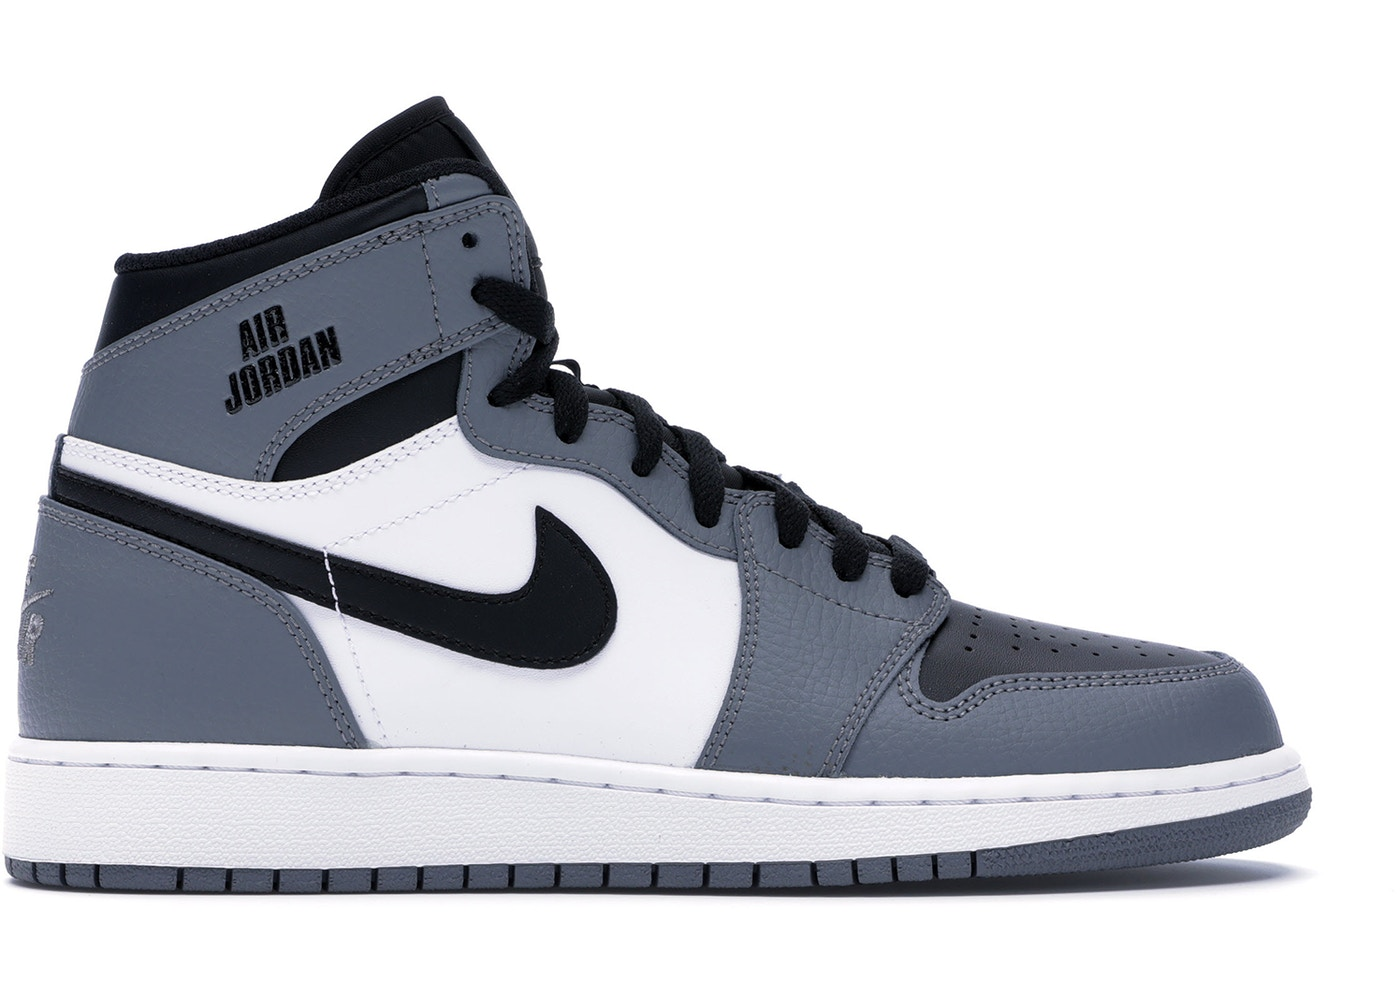 sports shoes 140fa ab943 Jordan 1 Retro High Rare Air Cool Grey (GS) - 705300-024